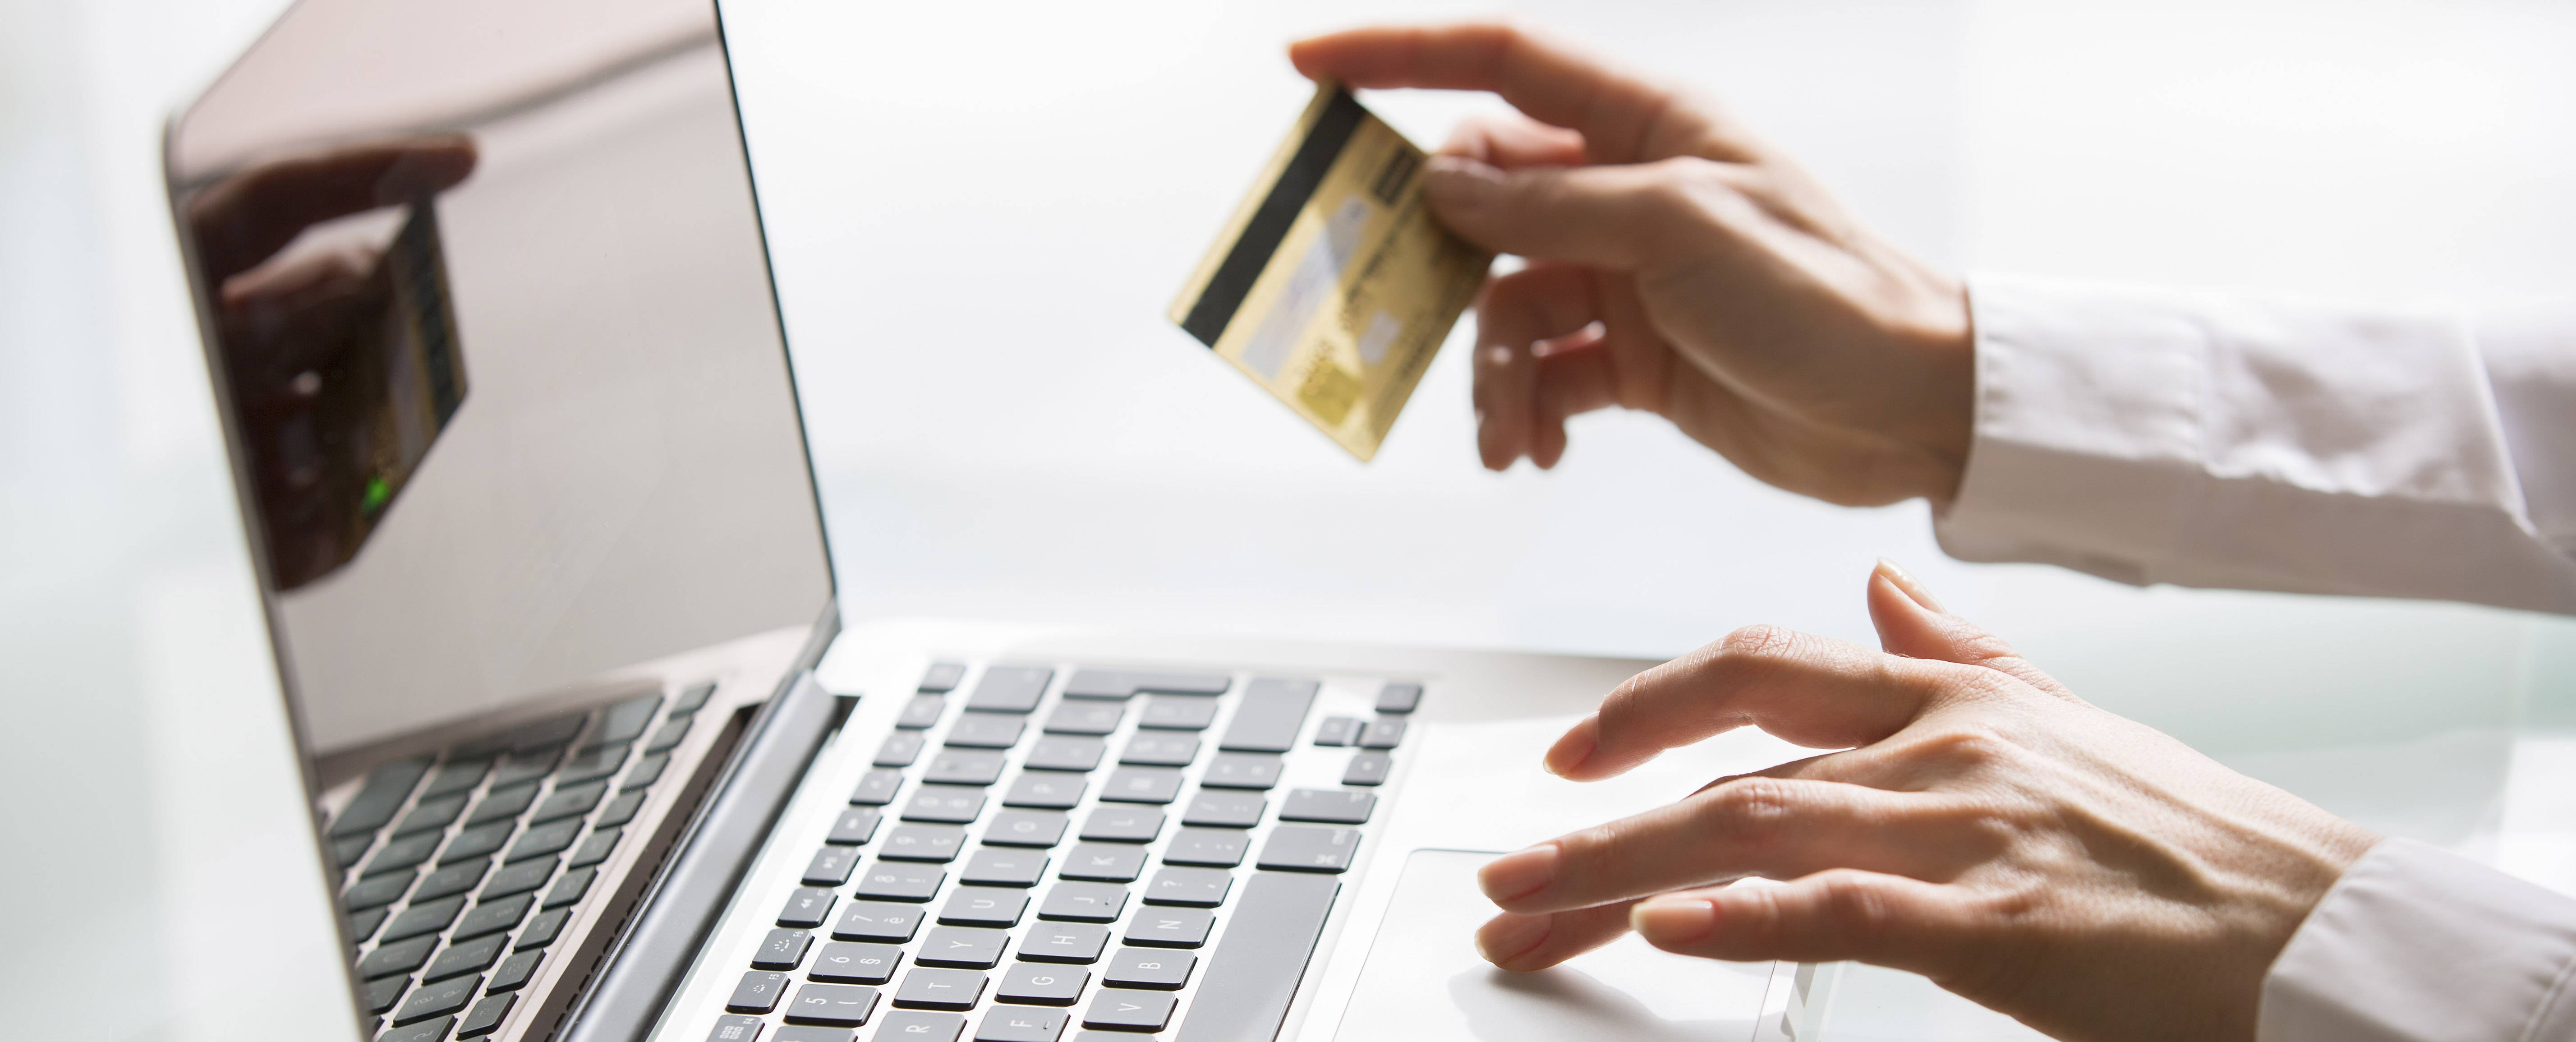 Реквизиты для оплаты госпошлины за замену паспорта